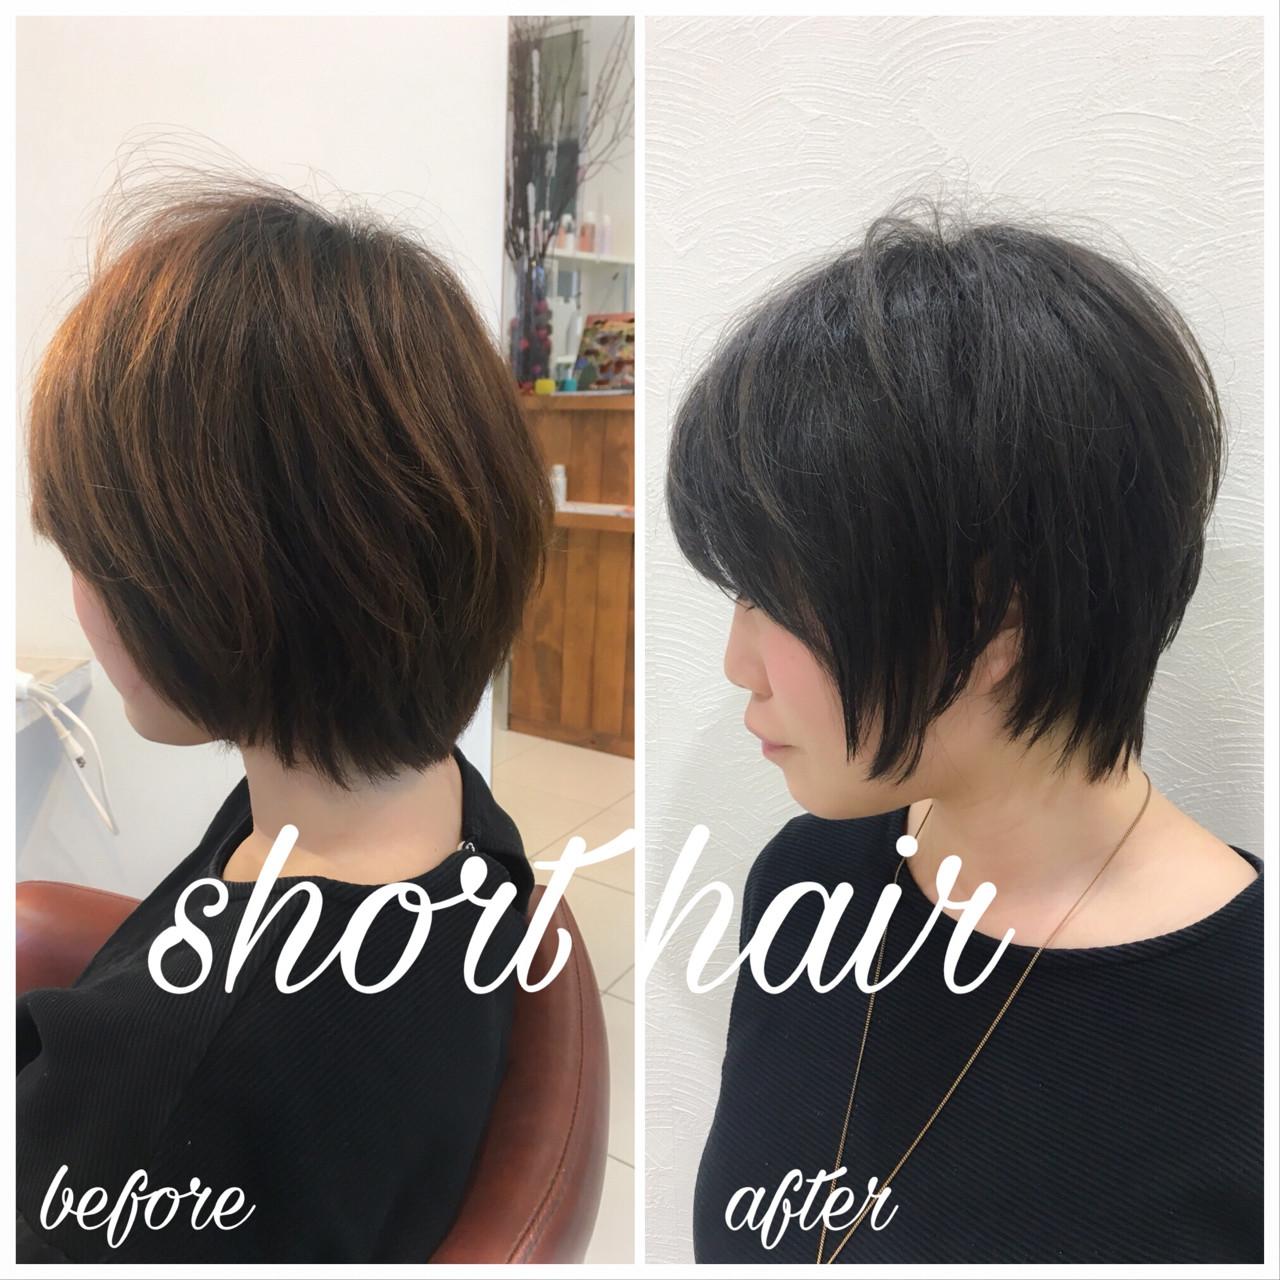 スポーツ ショート 黒髪 オフィスヘアスタイルや髪型の写真・画像